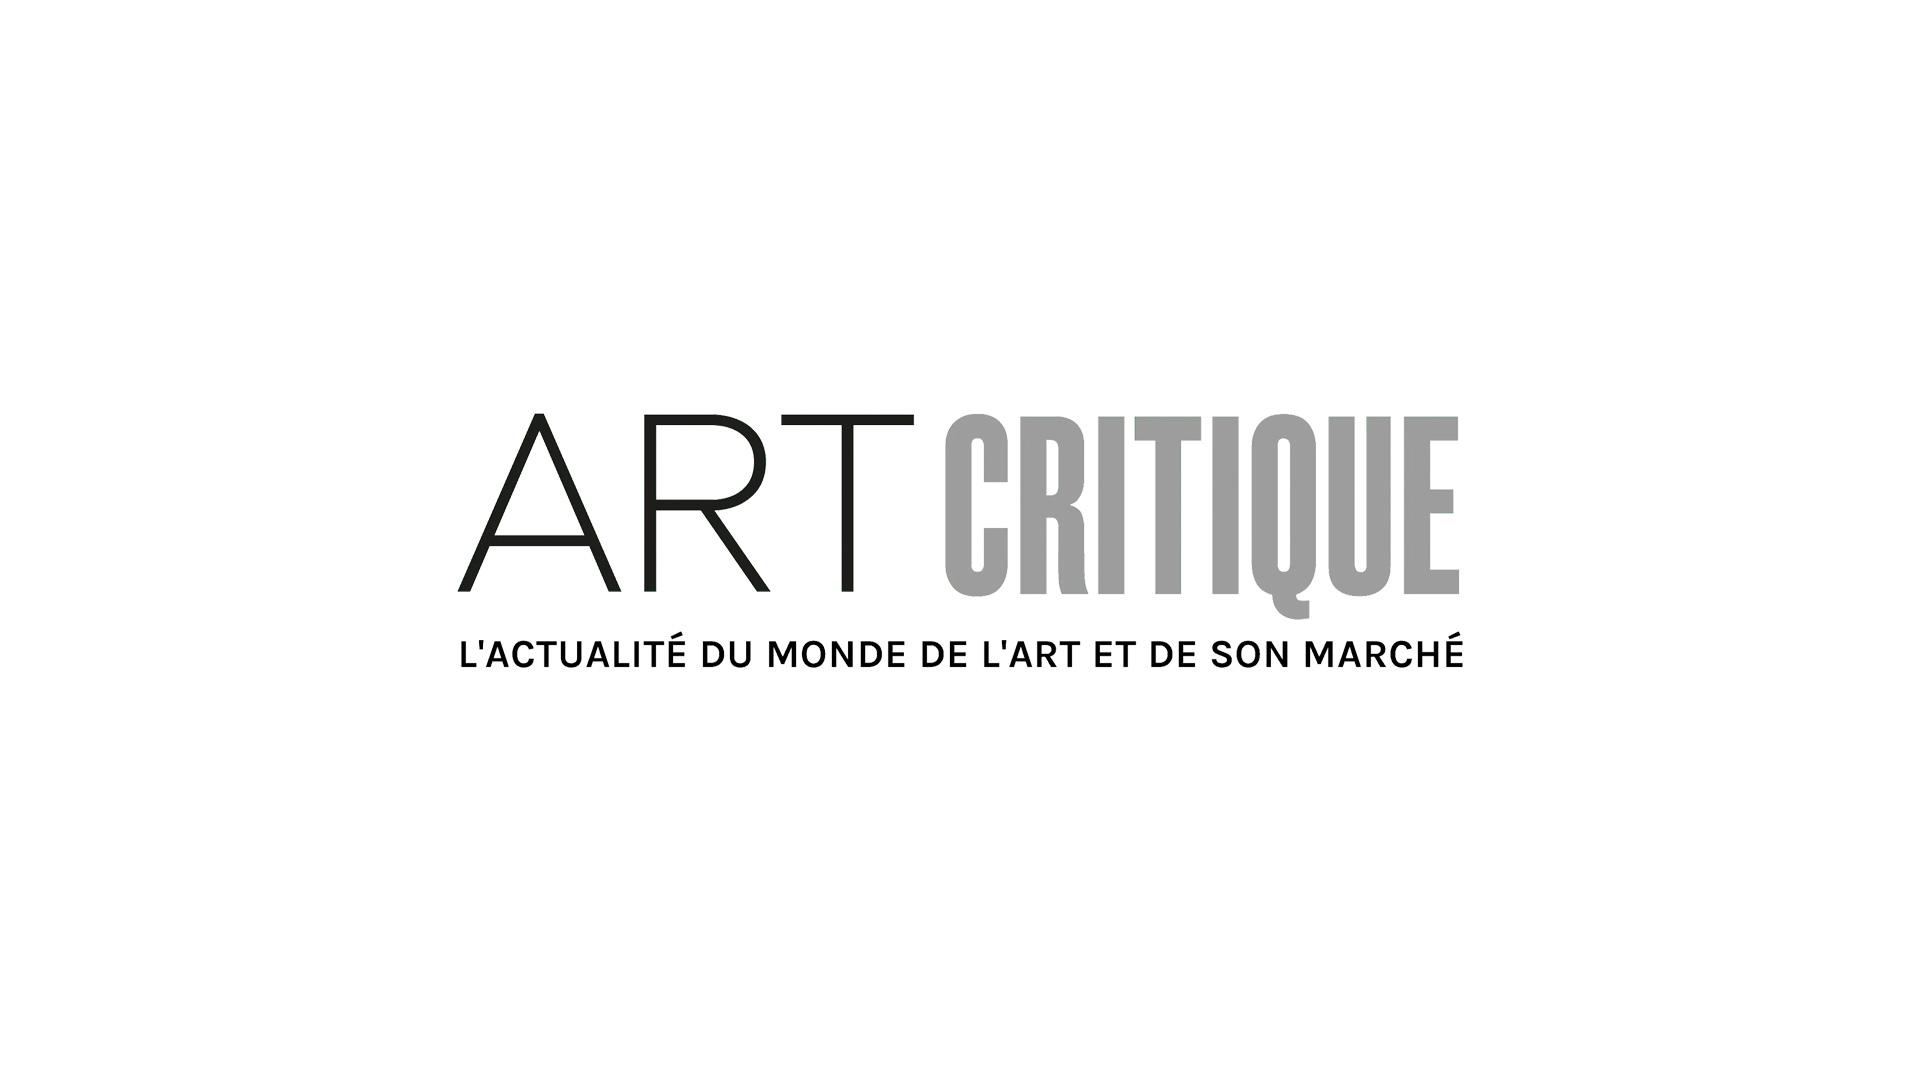 Un record de fréquentation pour le Salon des Artistes Français